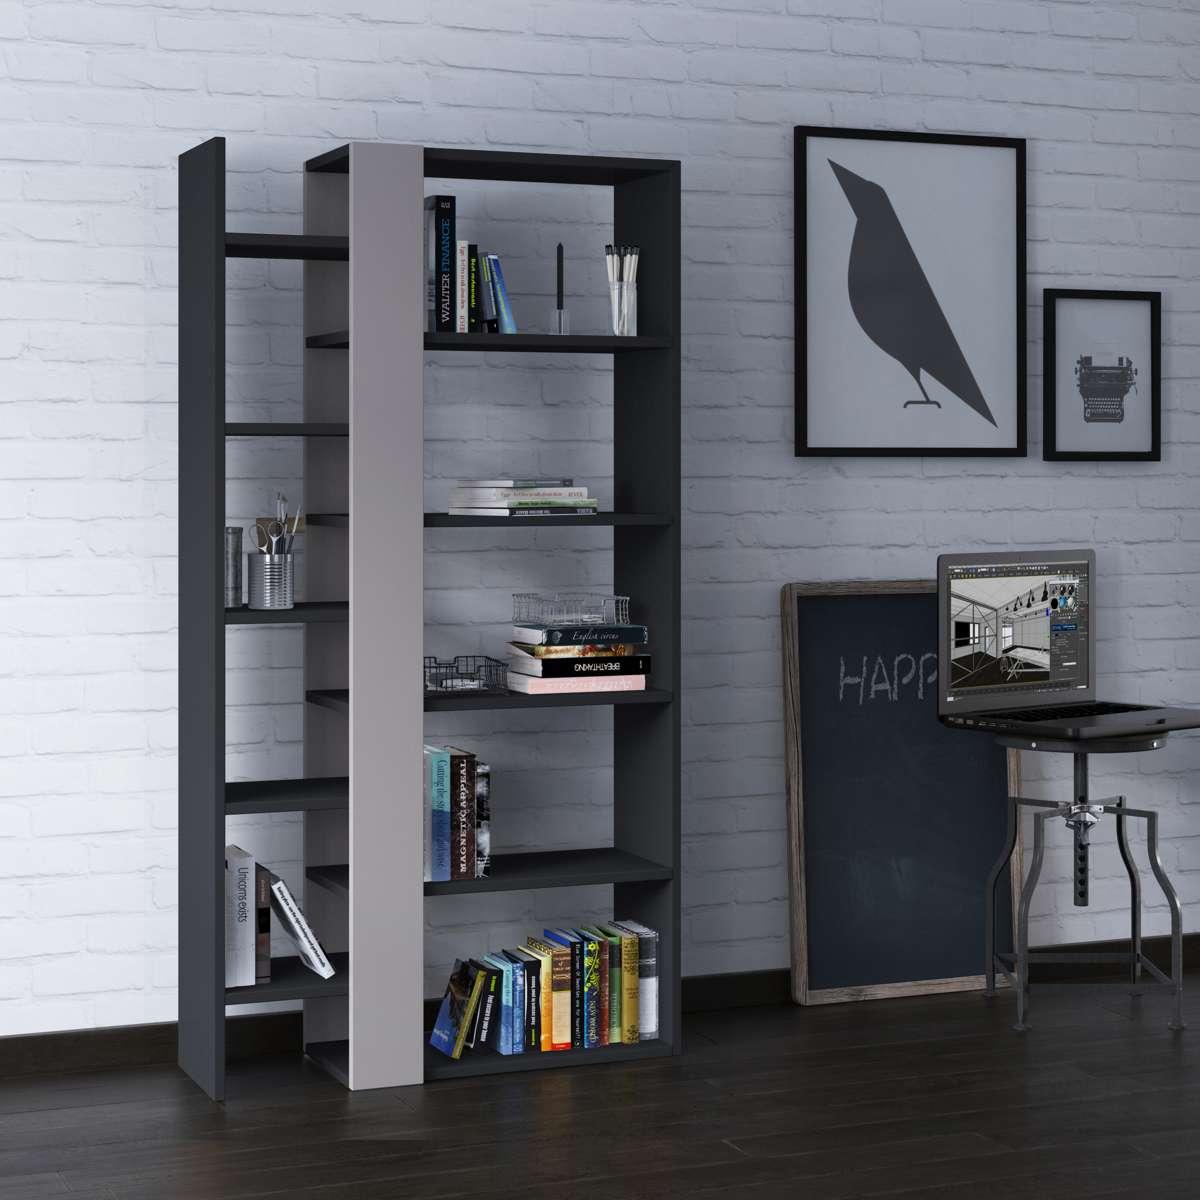 כוננית Lift Bookcase אפור/מוקה מסדרת Decoline